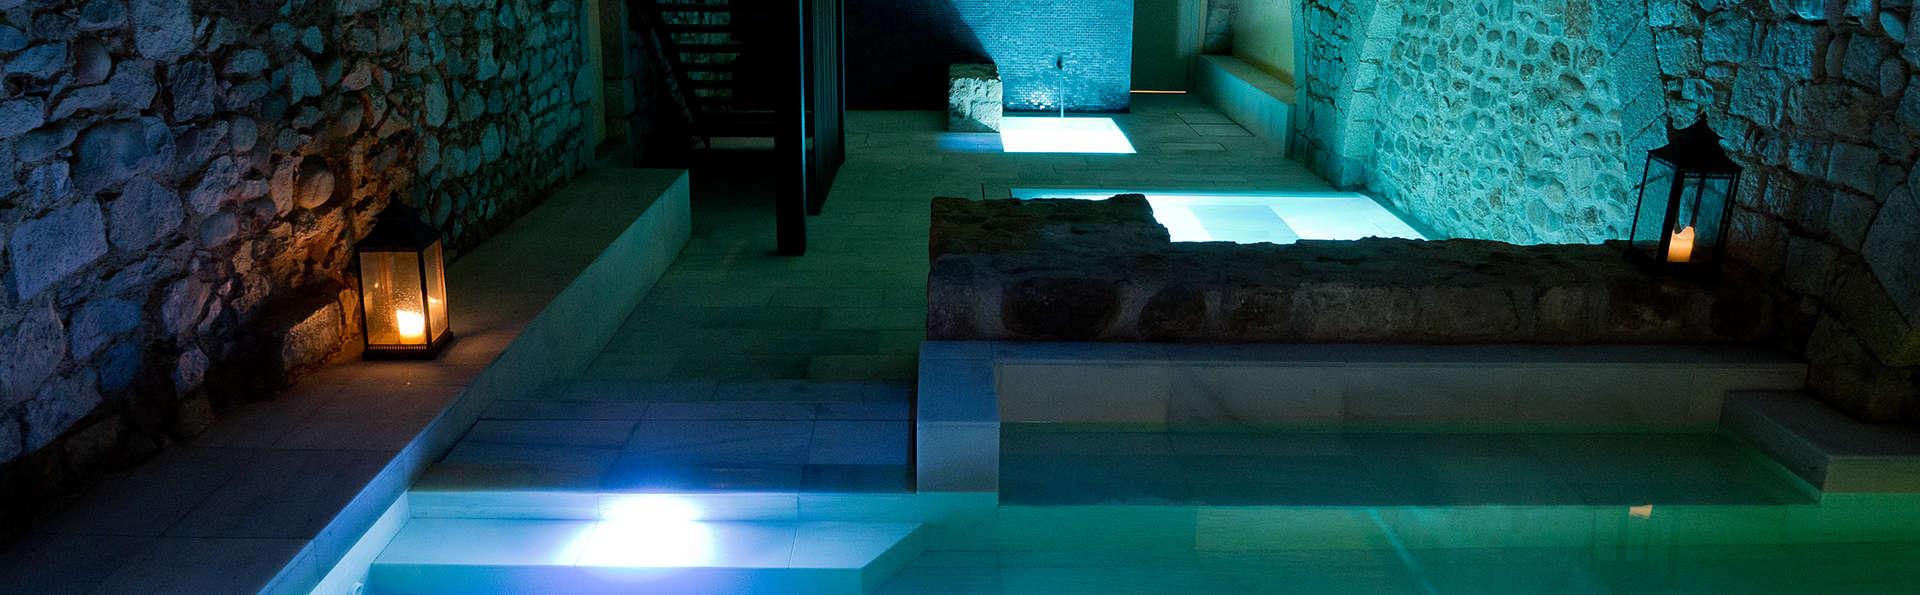 Romanticismo y relax con acceso a los baños romanos de Girona